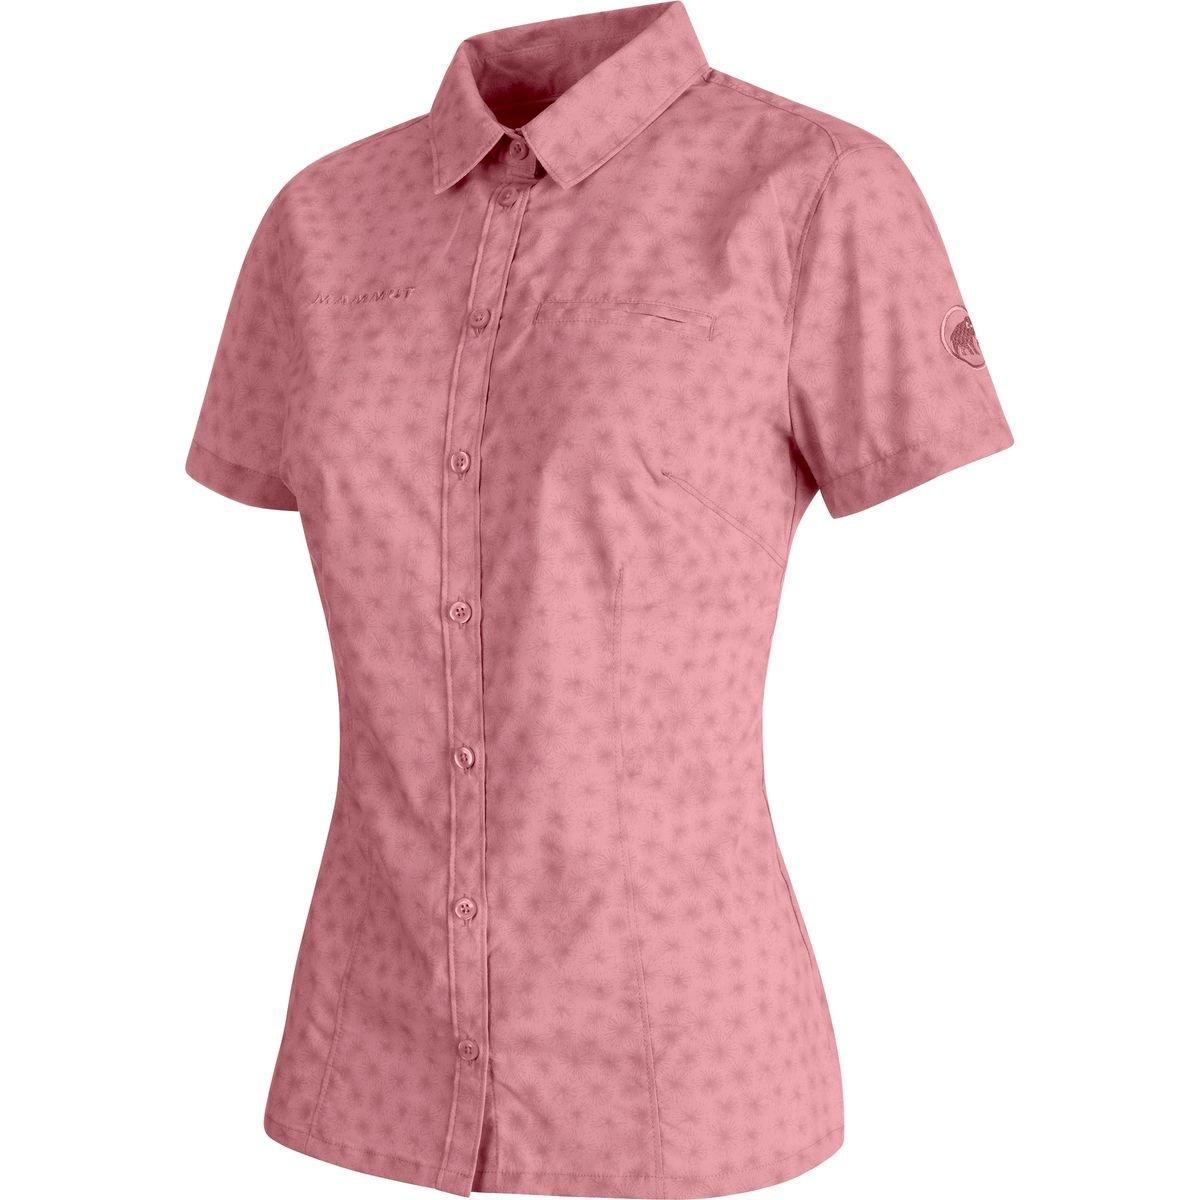 (マムート) Mammut Trovat Advanced Shirt - Women'sレディース バックパック リュック Rose [並行輸入品] L  B07BBHF9DD